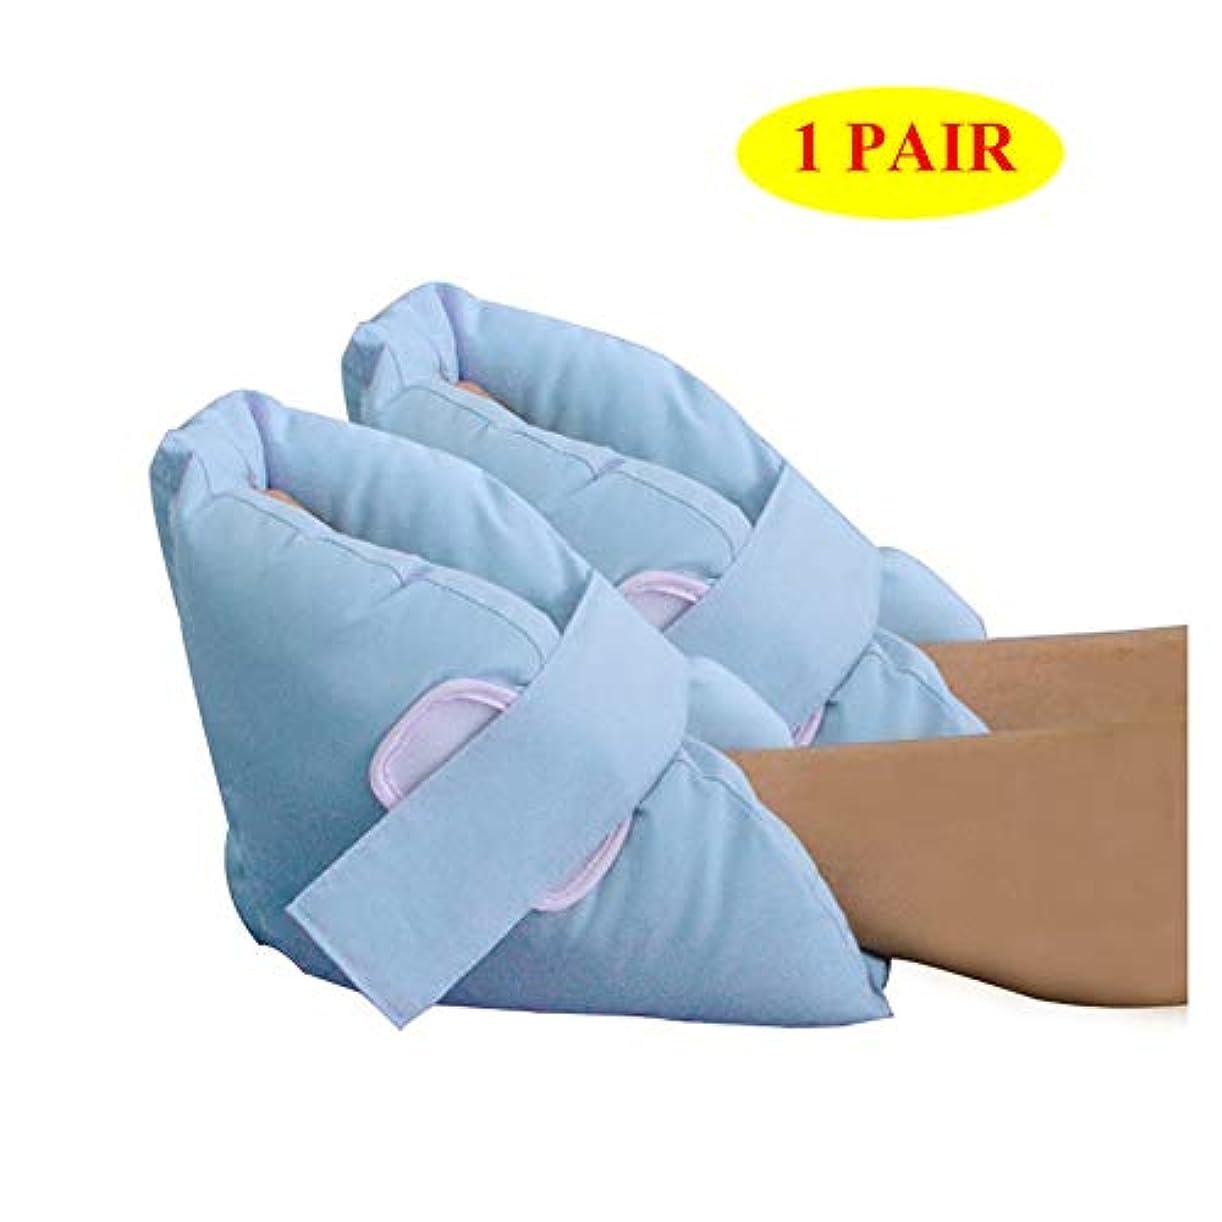 仮称経過スタウトヒールクッションプロテクター1ペア - 足と足首の枕 - 保護パッドガード - 足の保護、肘、かかと - ベッド&褥瘡